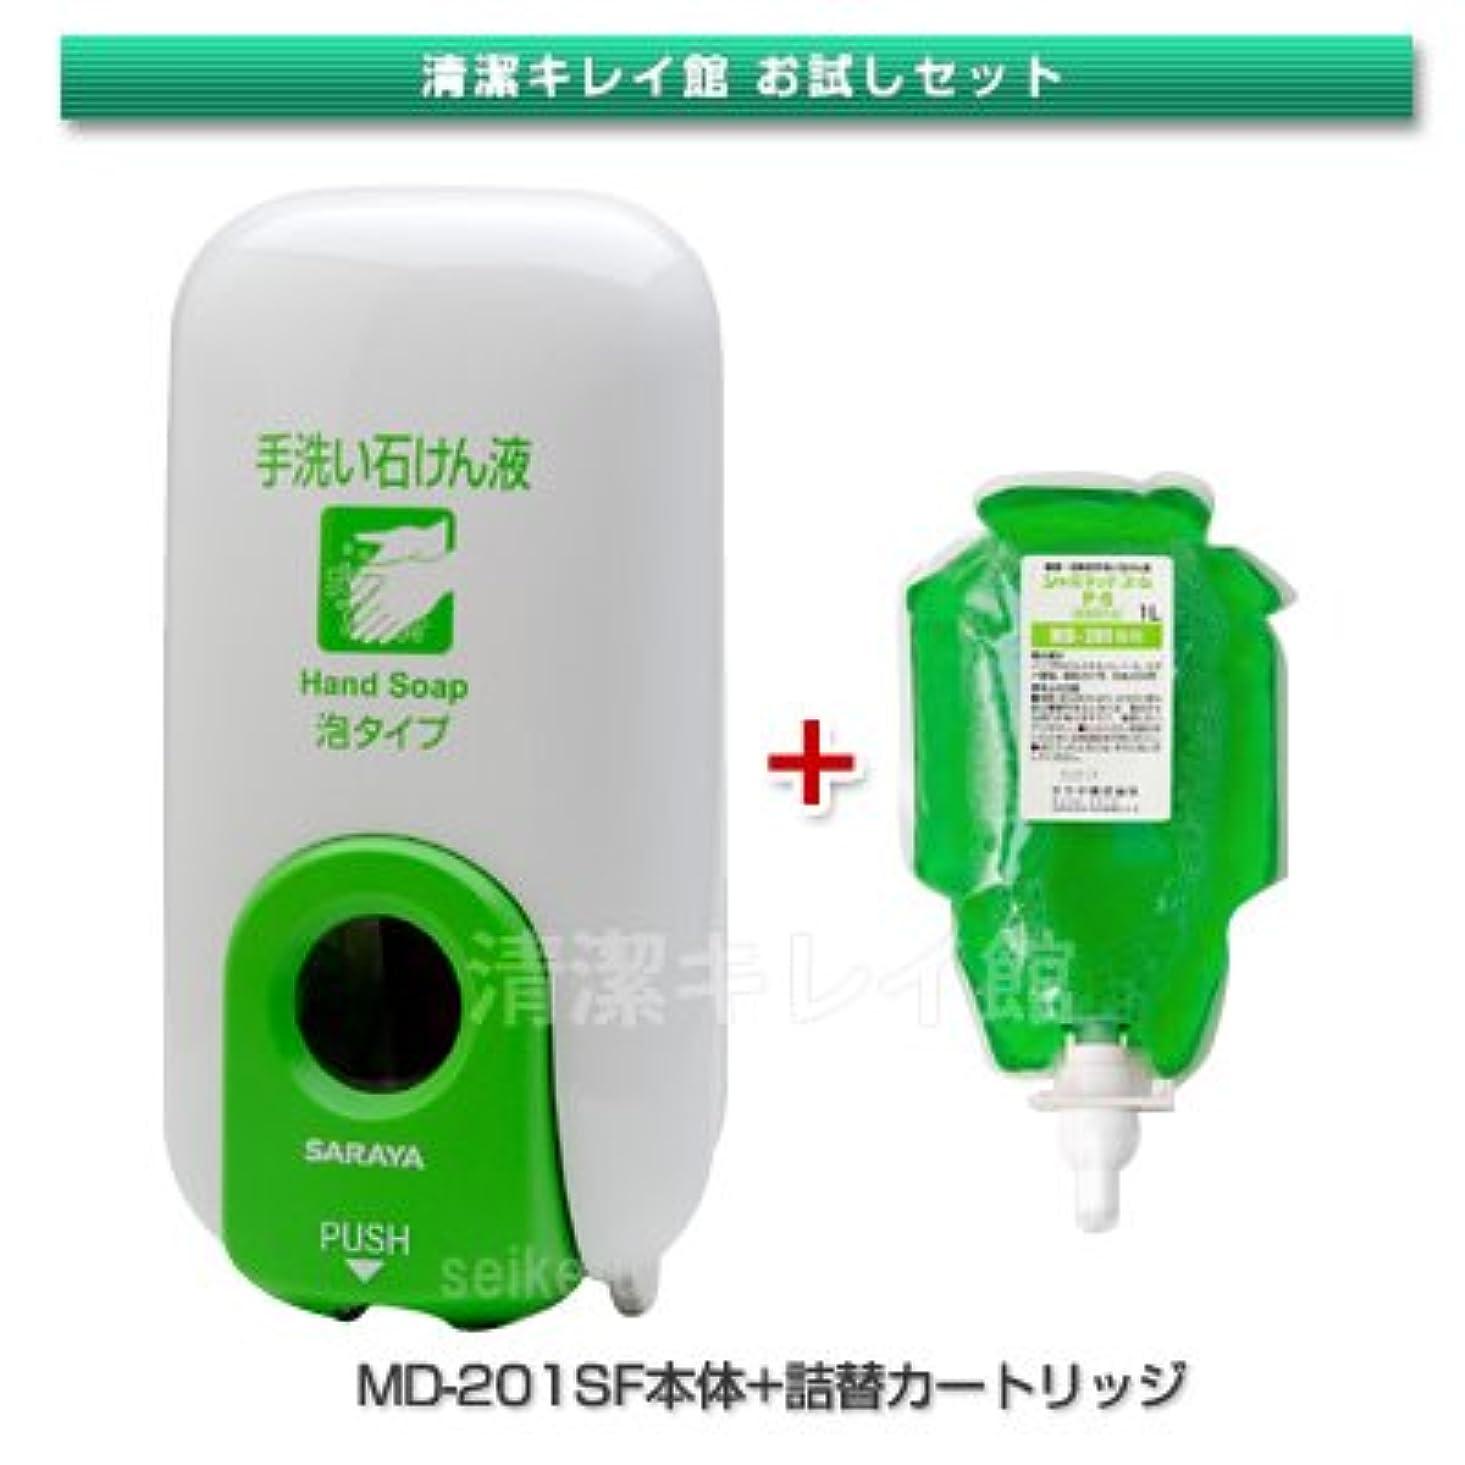 適切にチューリップブルサラヤ プッシュ式石鹸液 MD-201SF(泡)【清潔キレイ館お試しセット】(本体とカートリッジ/ユムP-5)